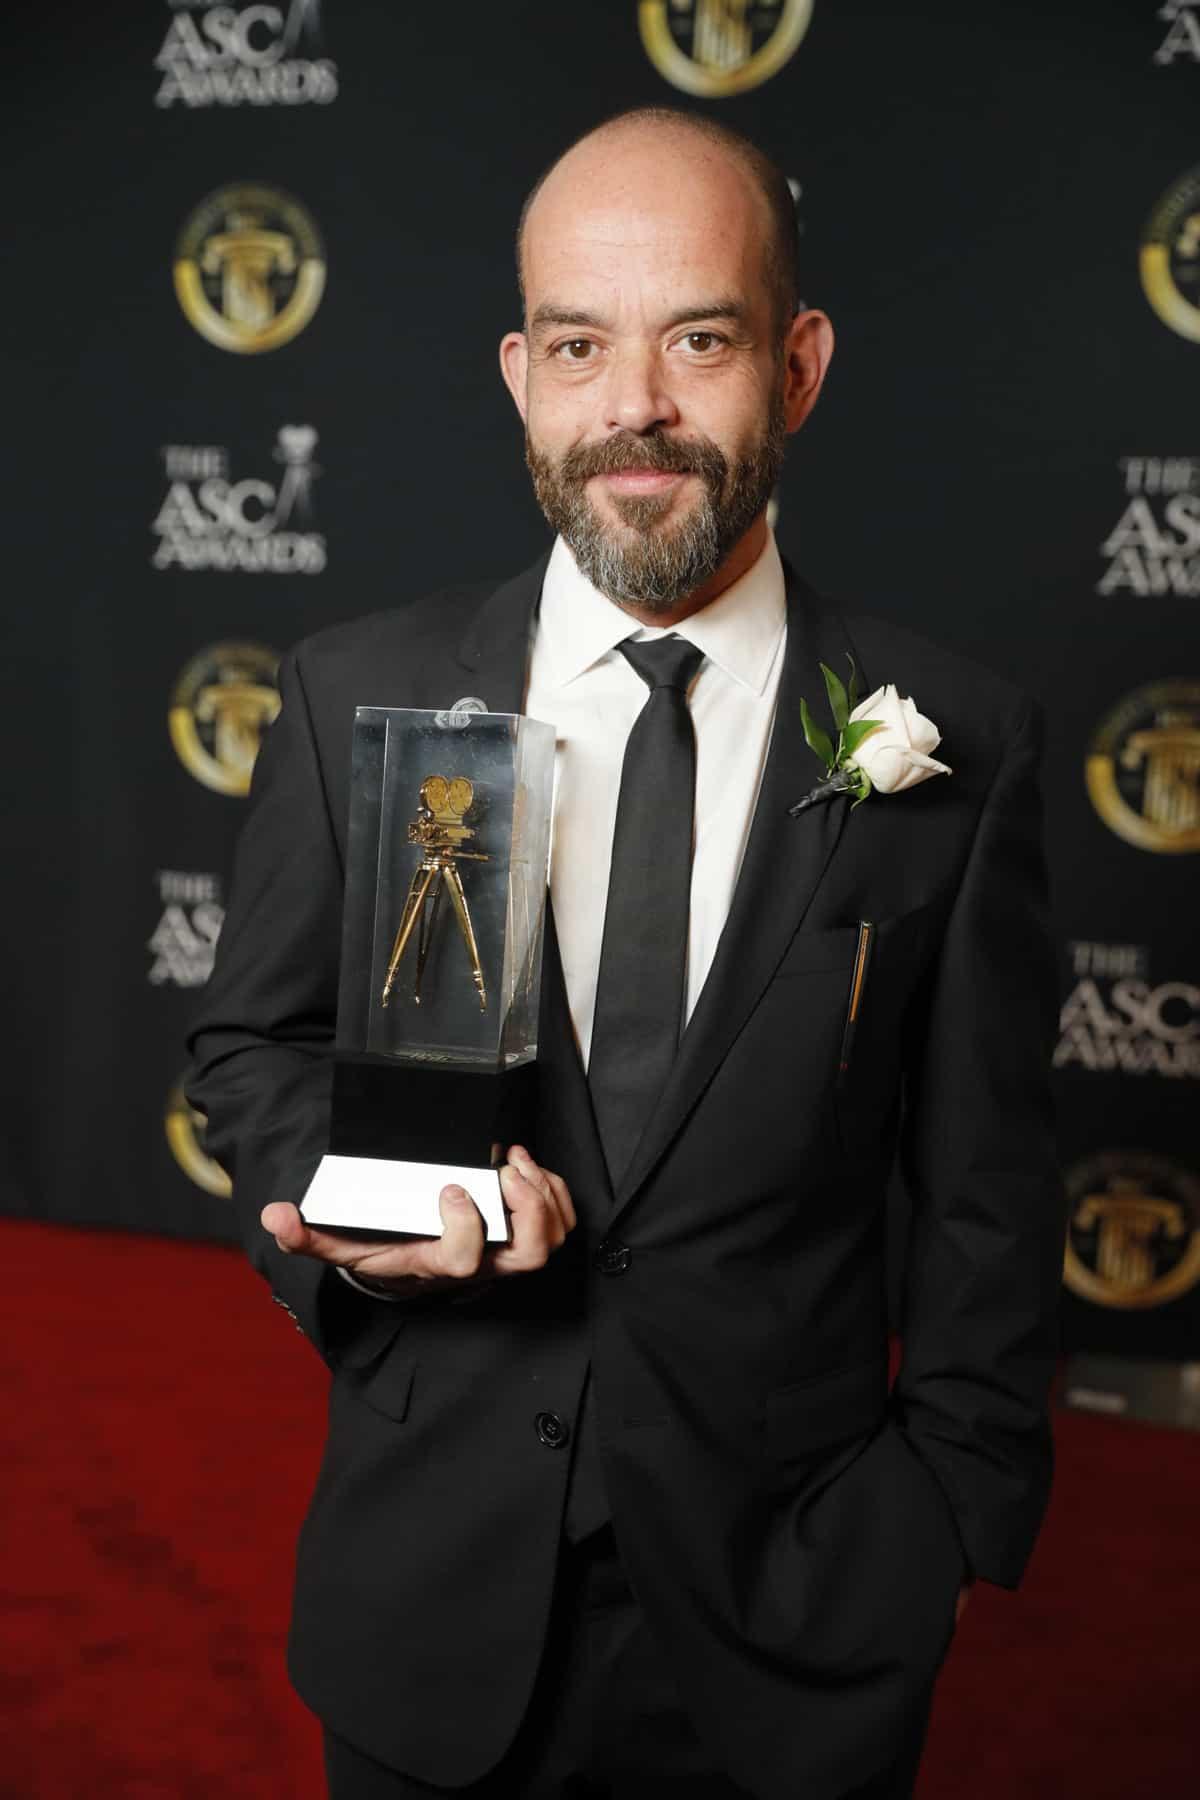 Adriano Goldman BSC ASC took the ASC accolade for <em>The Crown</em>